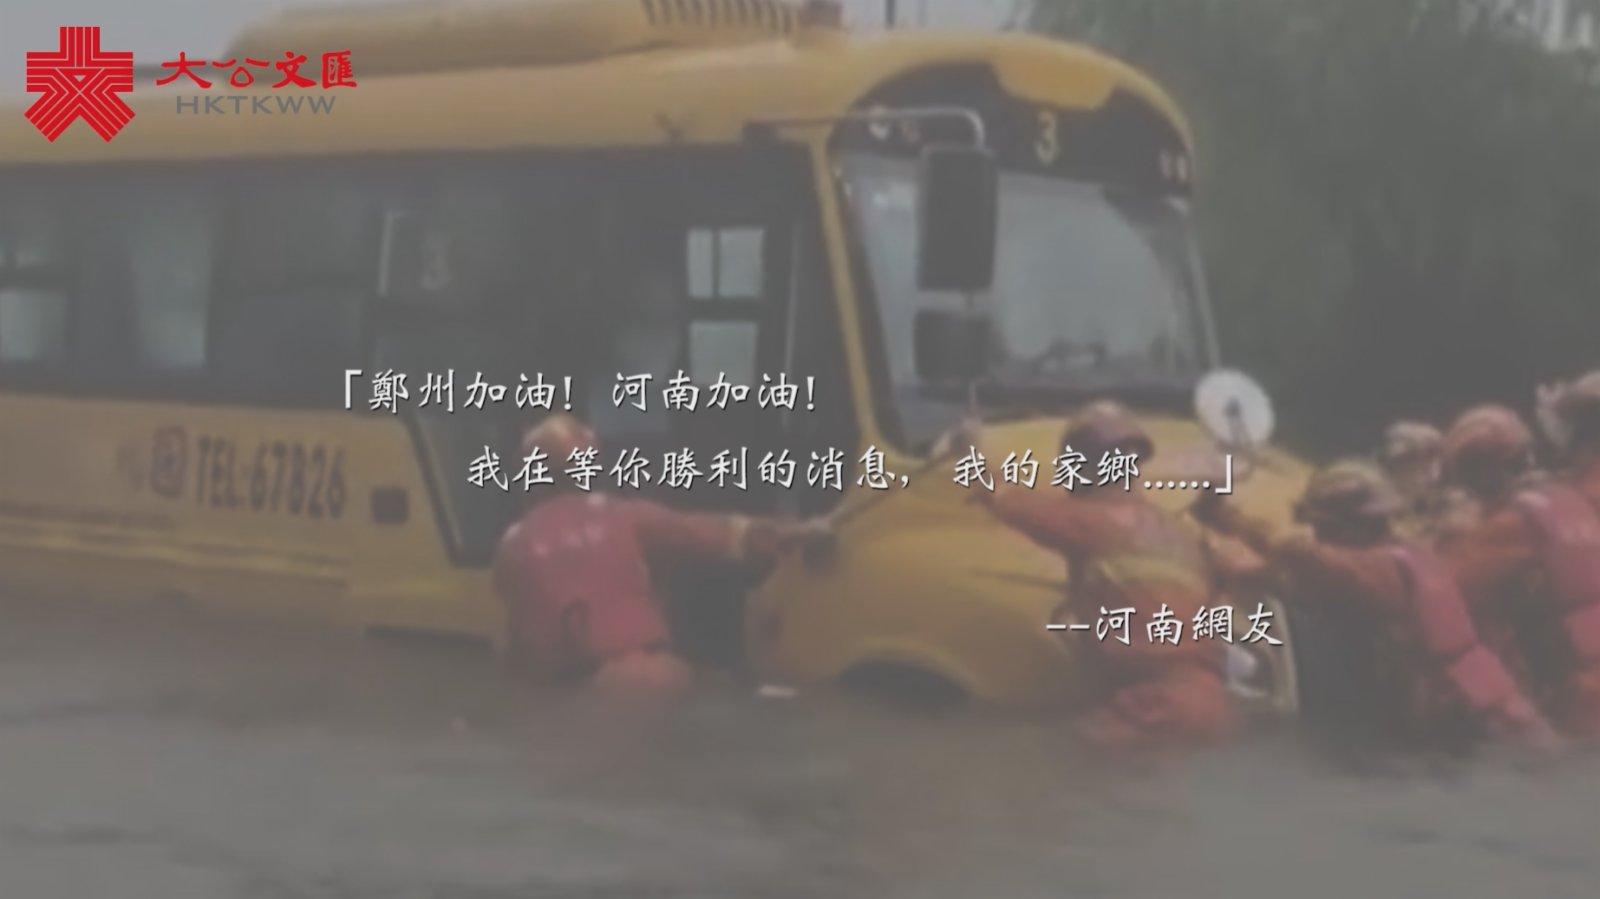 淚目!暴雨襲河南 中國人守望互助 風雨同舟一起扛!